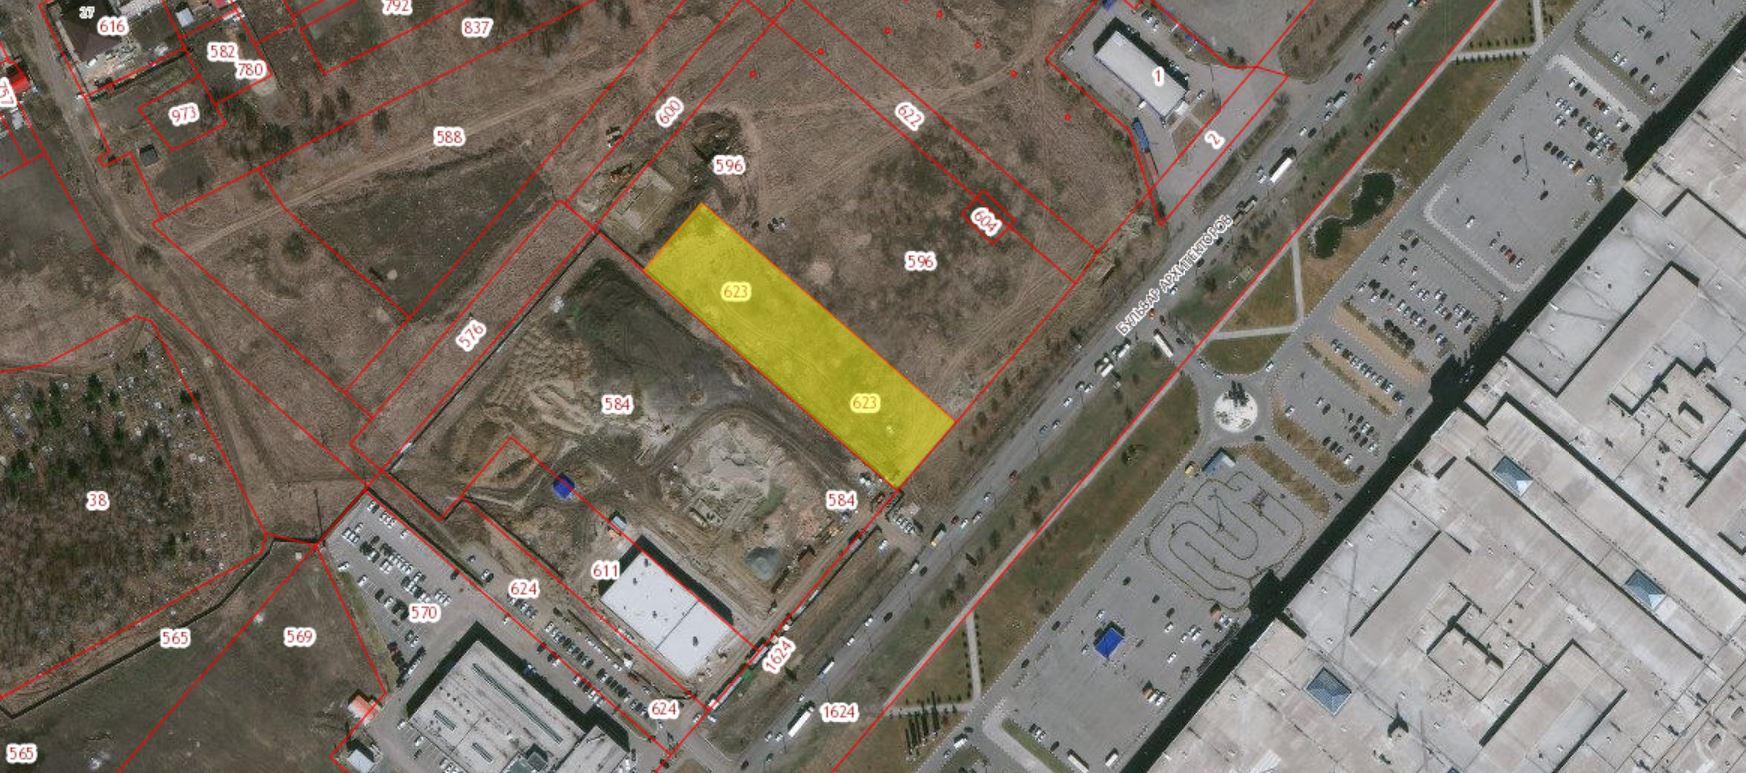 Участок площадью 6321 кв. метра расположен в 340 метрах западнее от здания №35 по улице бульвар Архитекторов. Кадастровый номер — 55:36:130127:623.